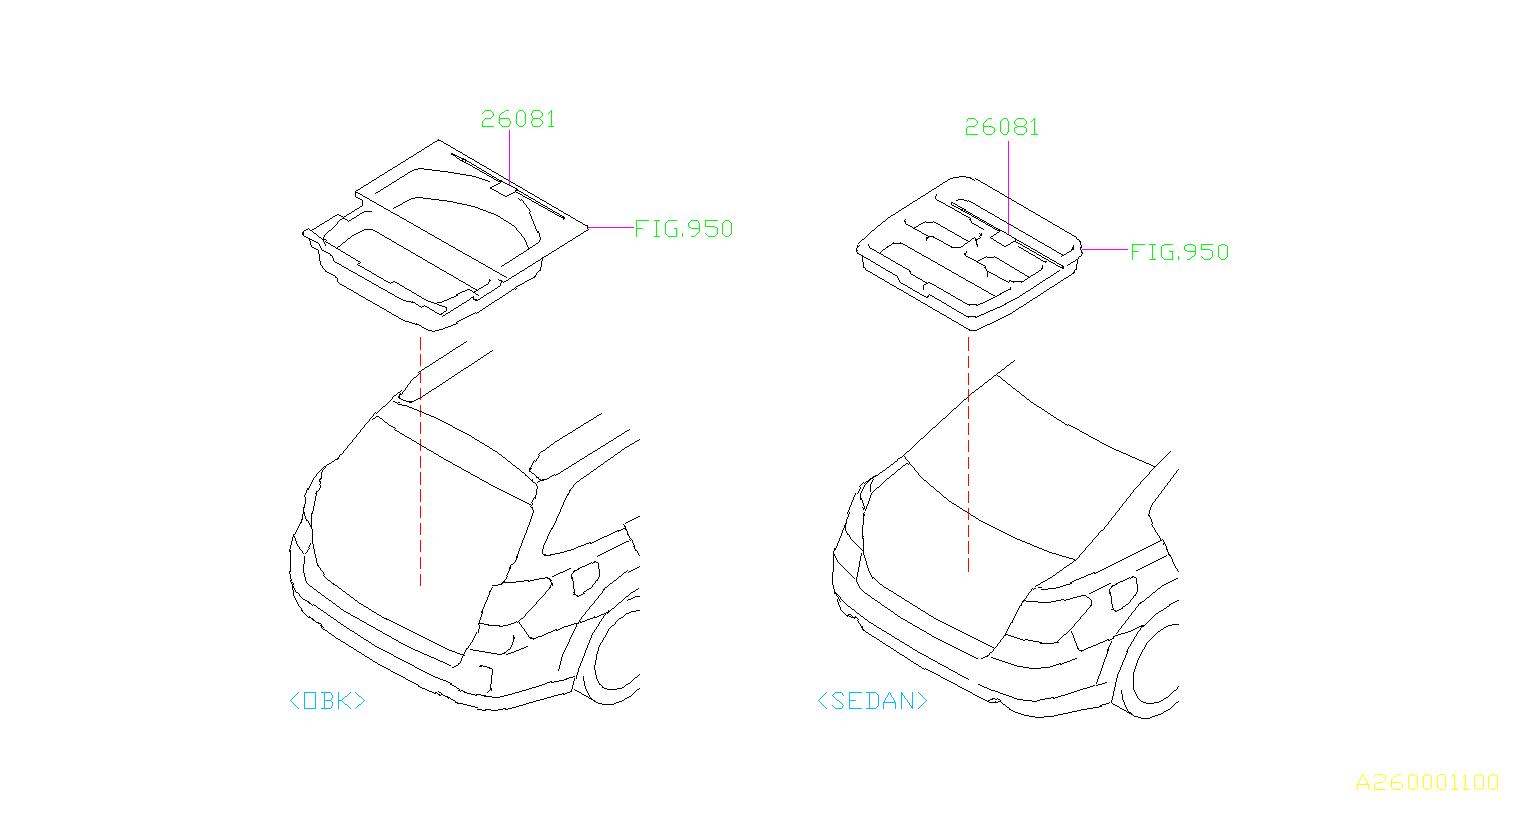 Subaru Legacy Tool Electric Parking Brake System Suspension Brakes